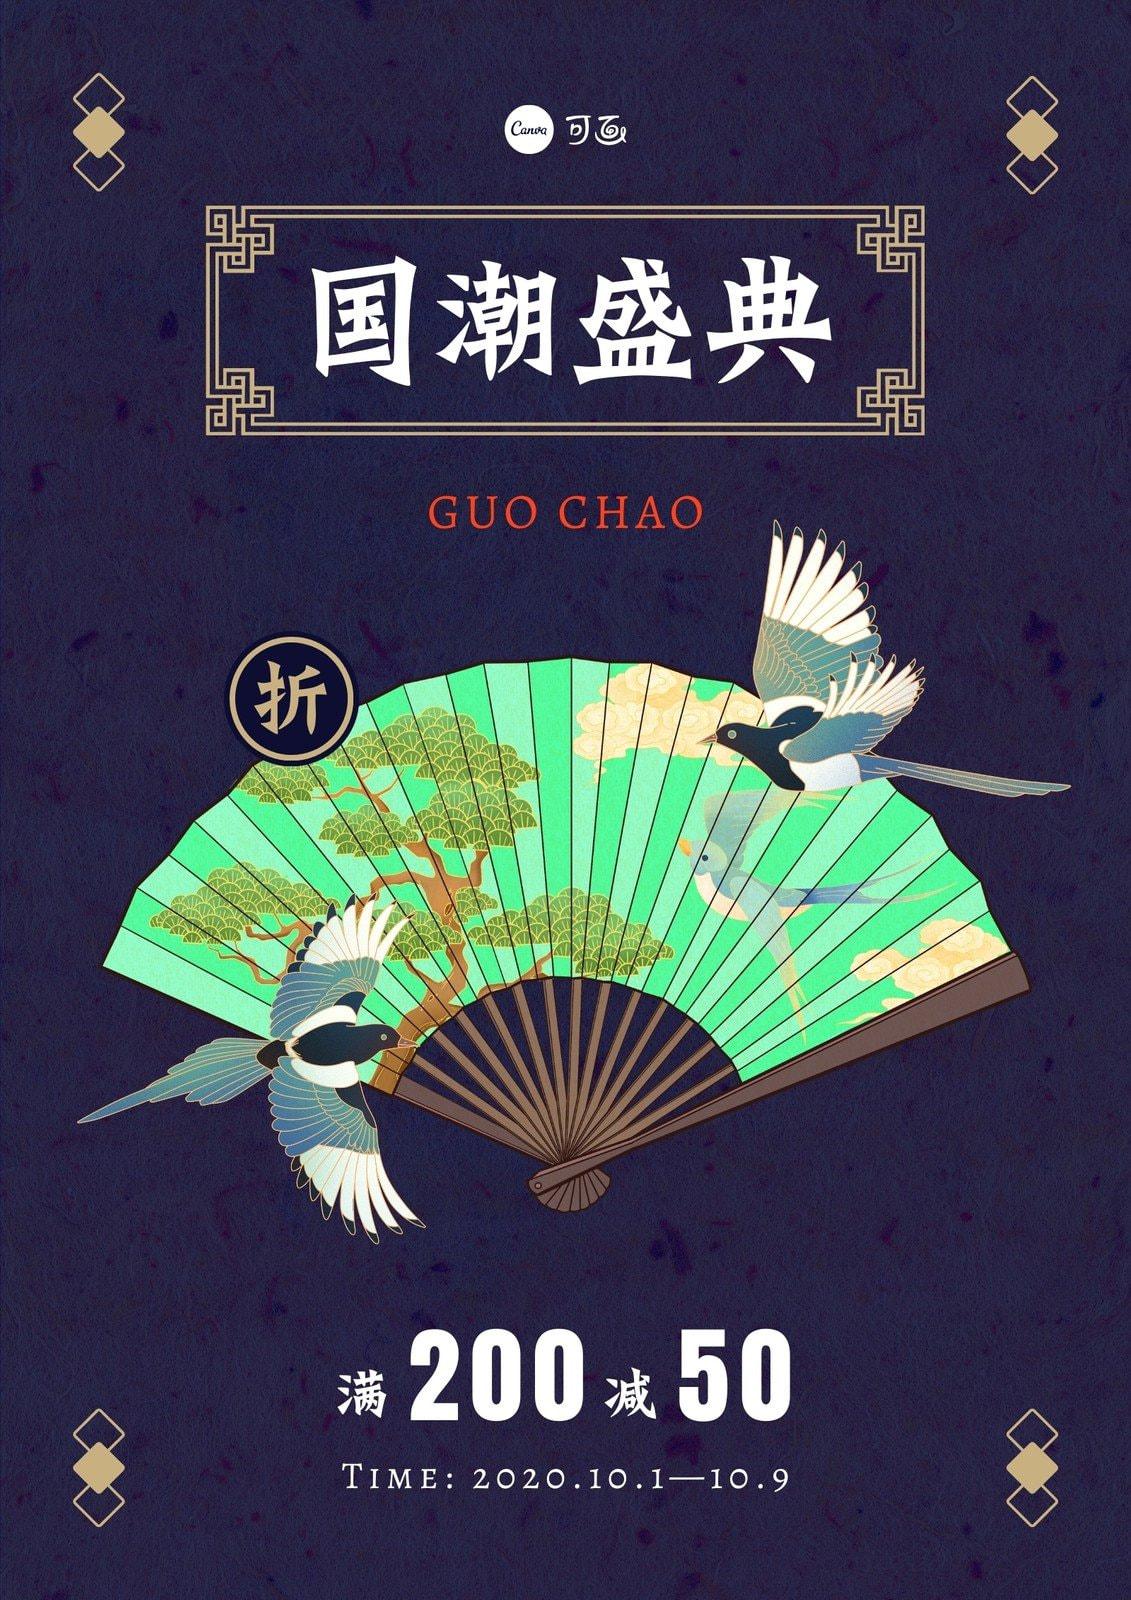 绿蓝色国潮扇子喜鹊中式国庆节服饰促销中文海报